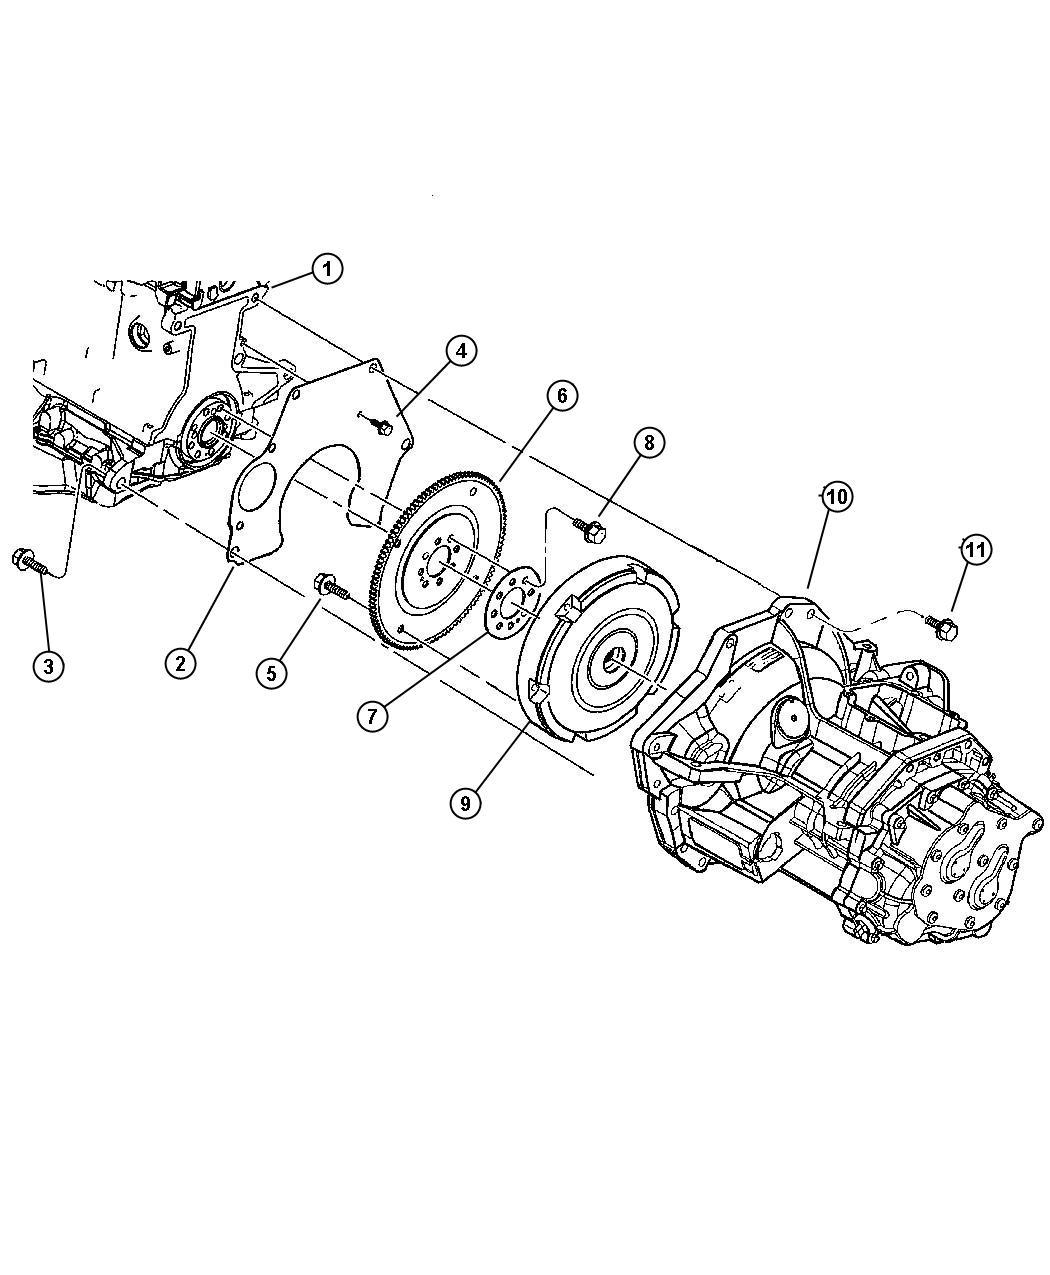 Dodge Neon Cover. Transaxle rear. Chain / gear